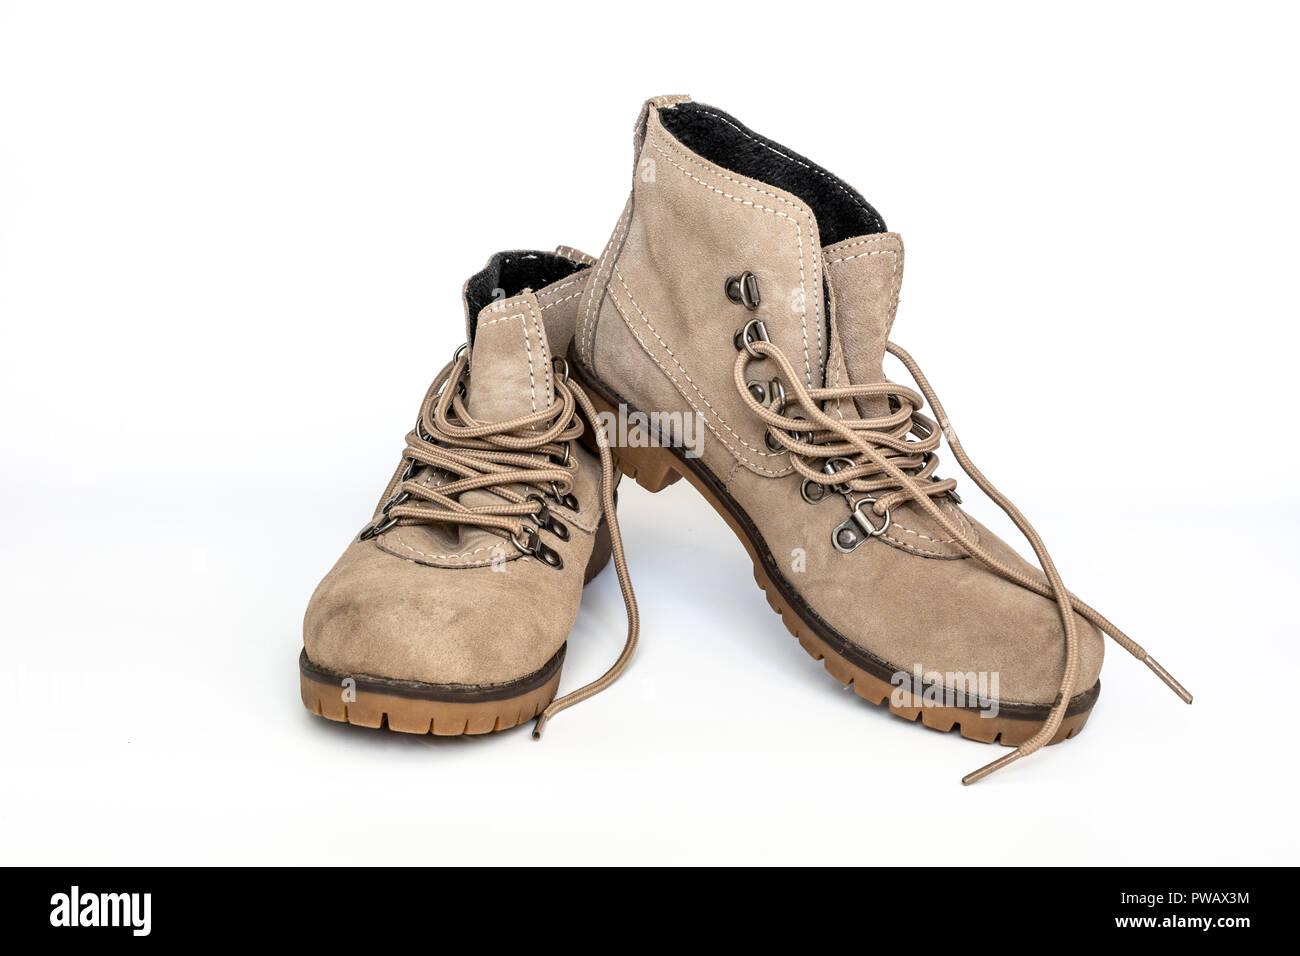 Frauen aus Wildleder Schuhe auf weißem Hintergrund, HDR-Foto Stockbild